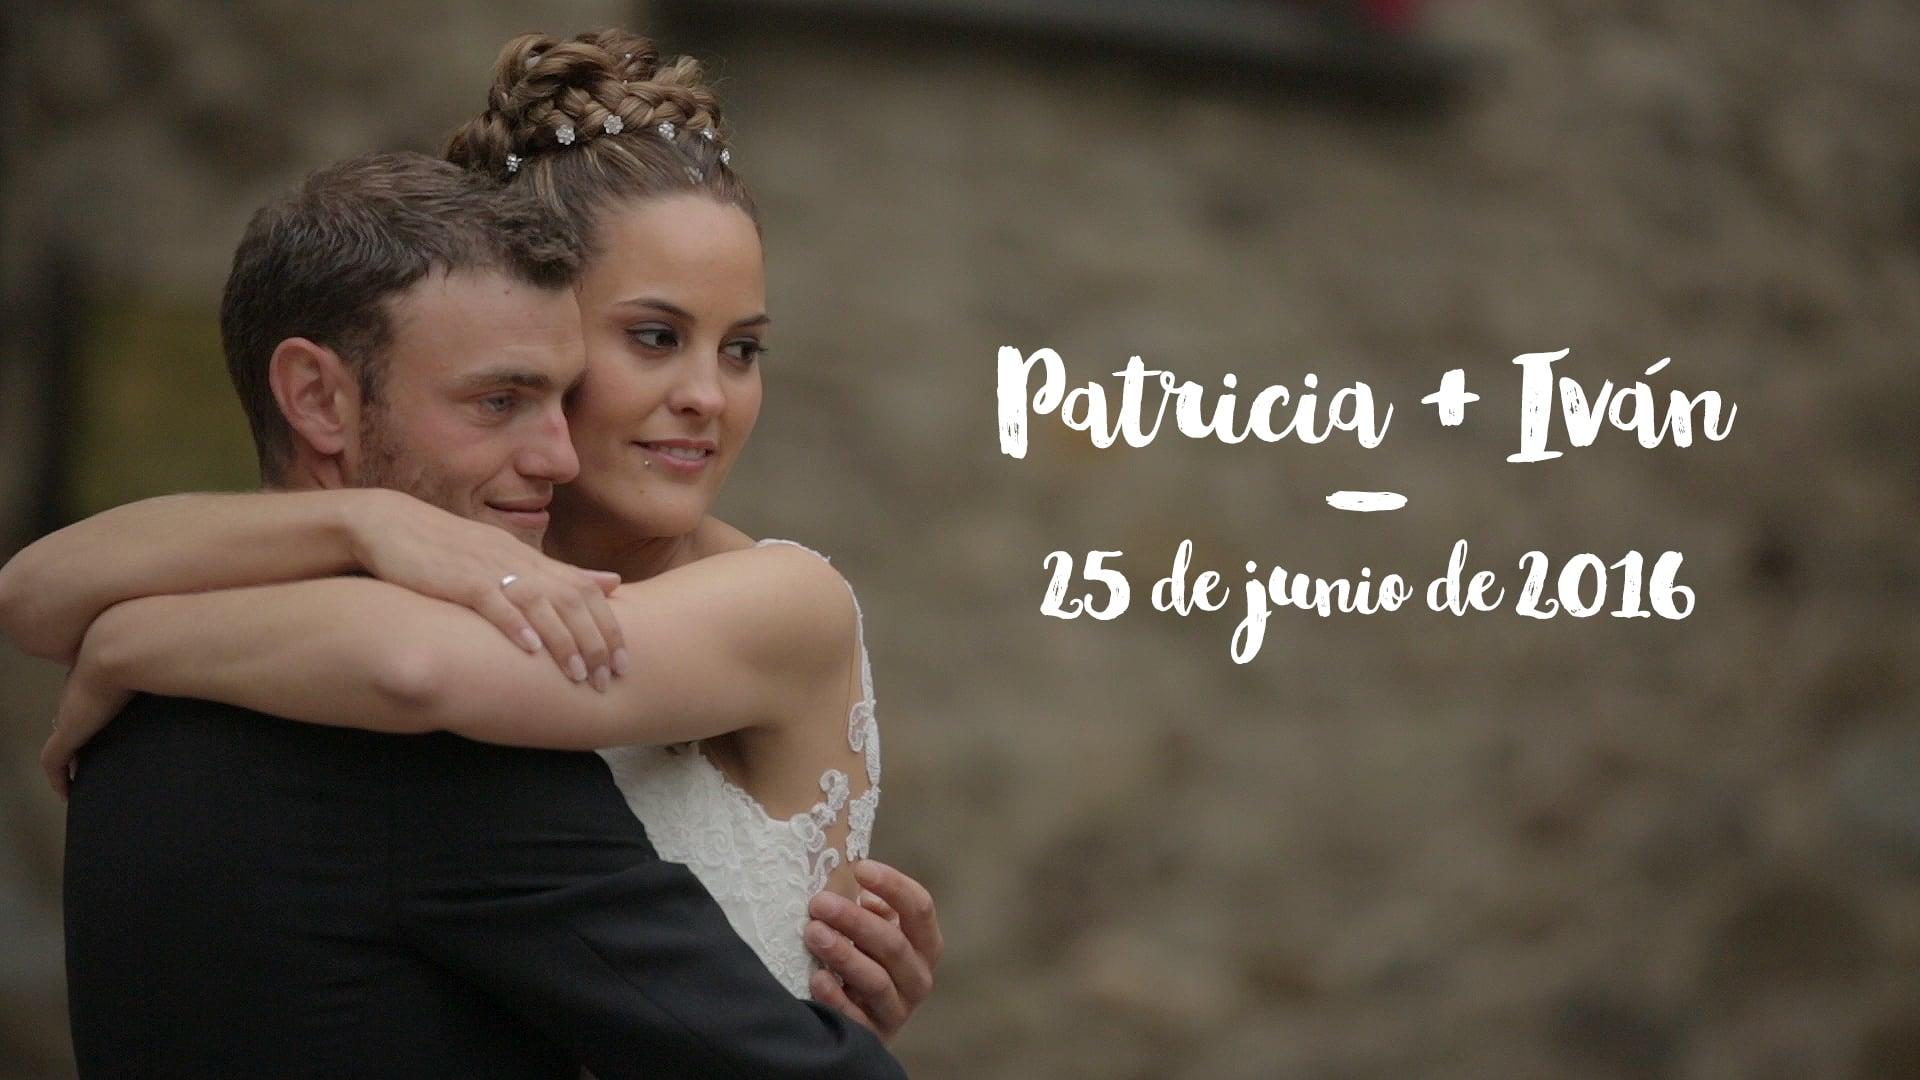 Patricia + Iván